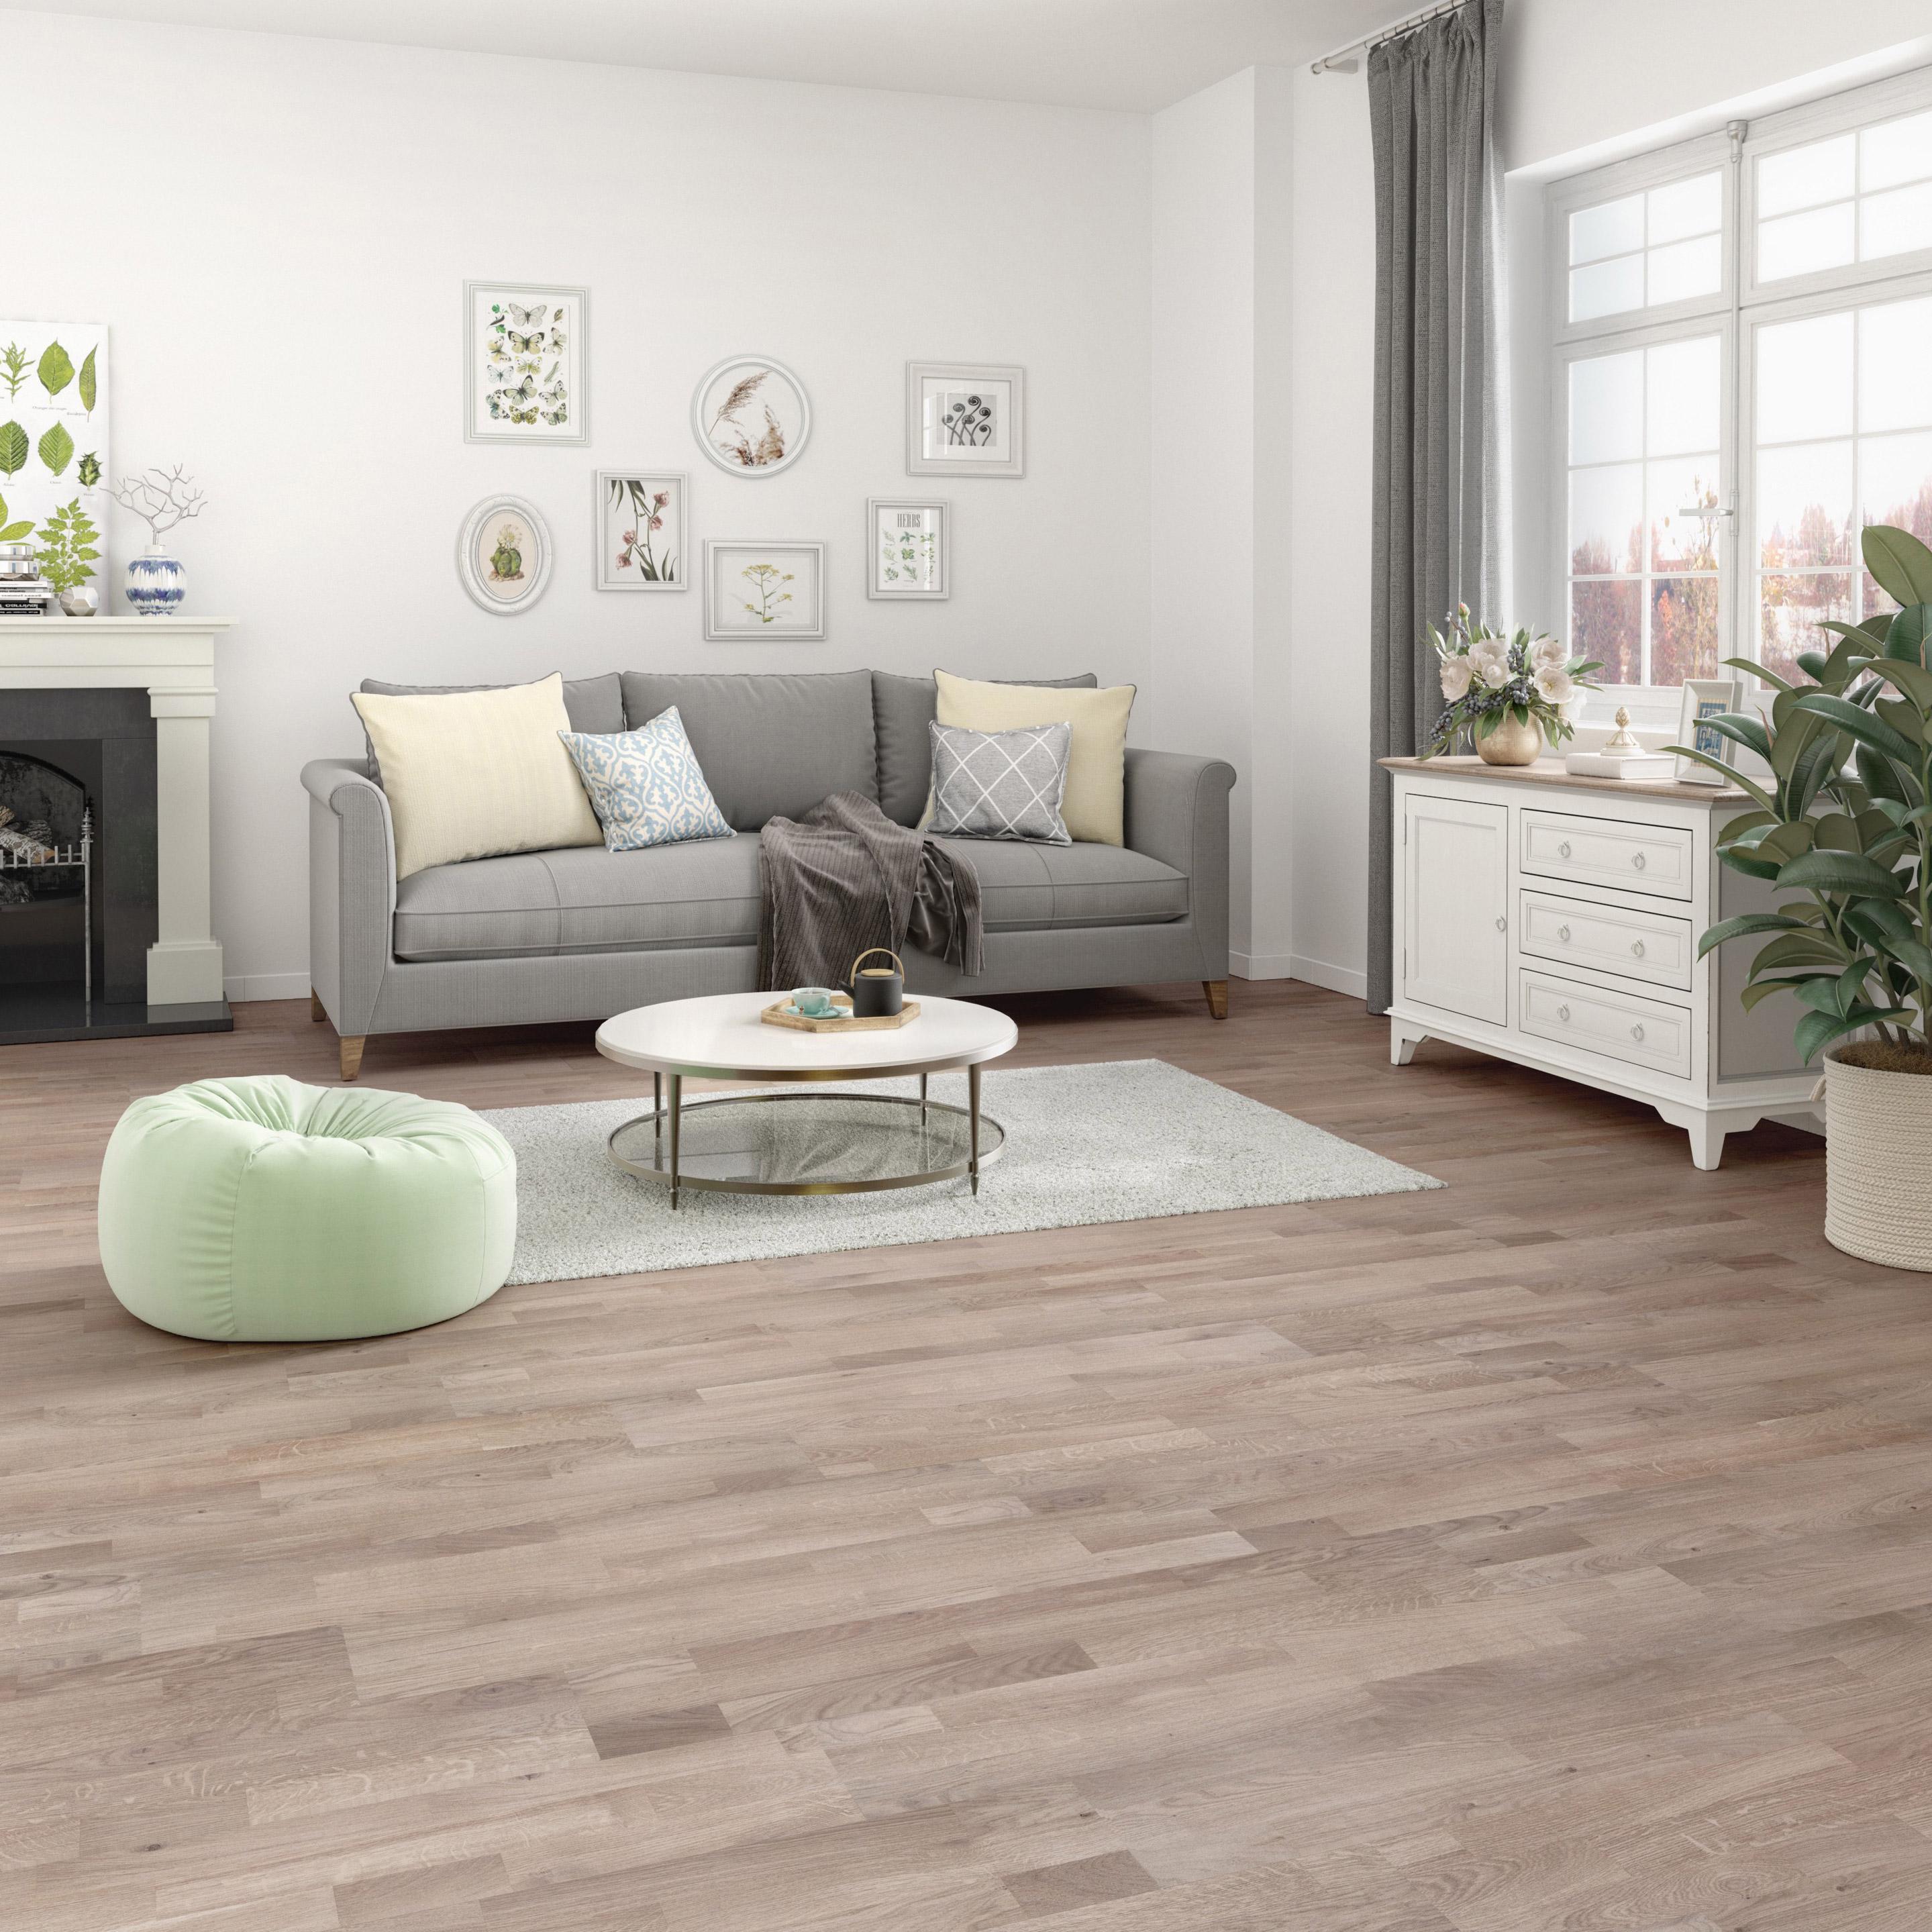 Parquet bois contrecollé medio chêne gris clair vitrifié S multifrise